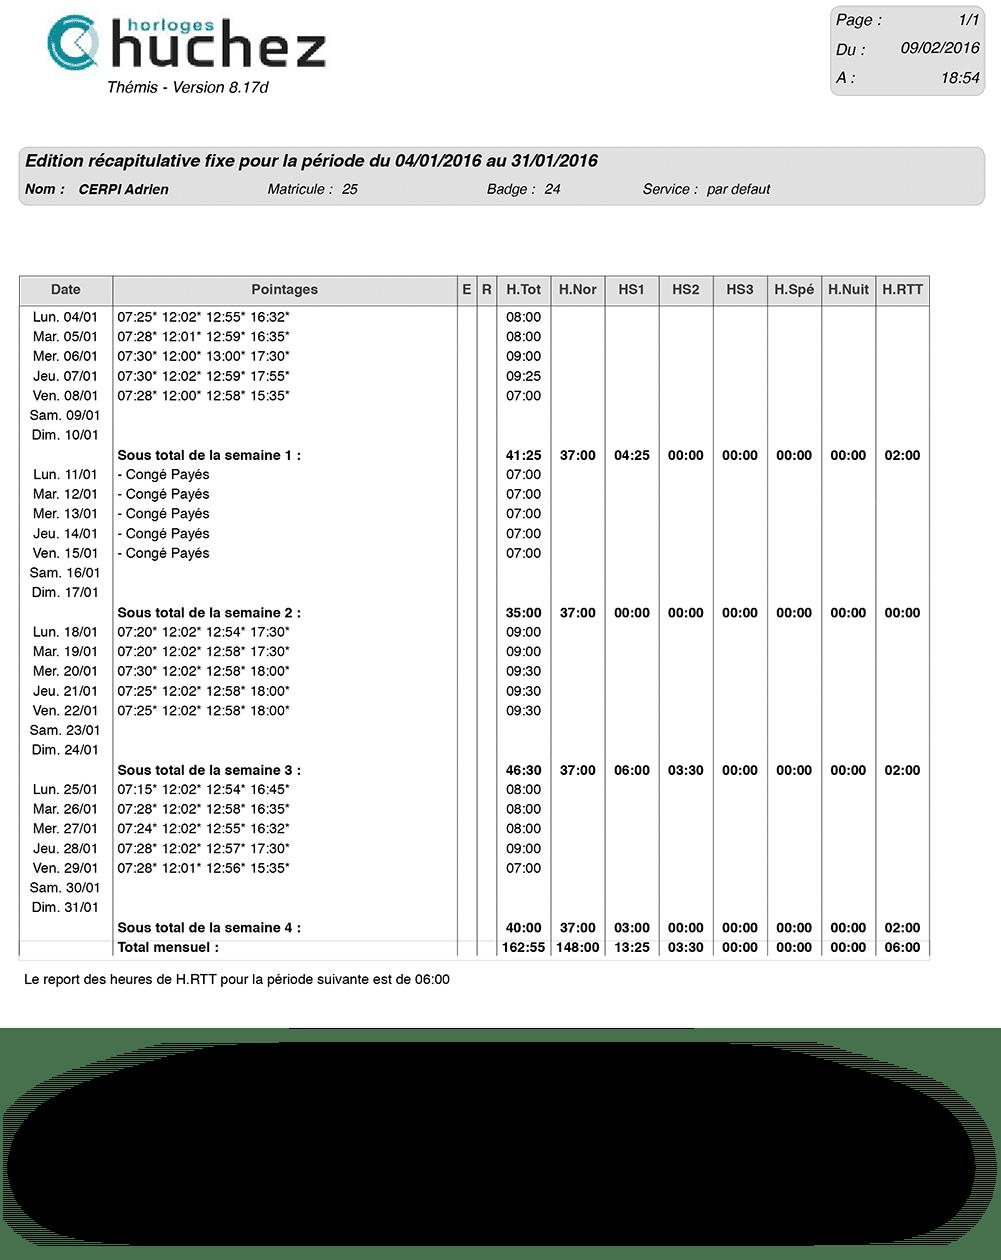 Page récapitulative logiciel de pointage